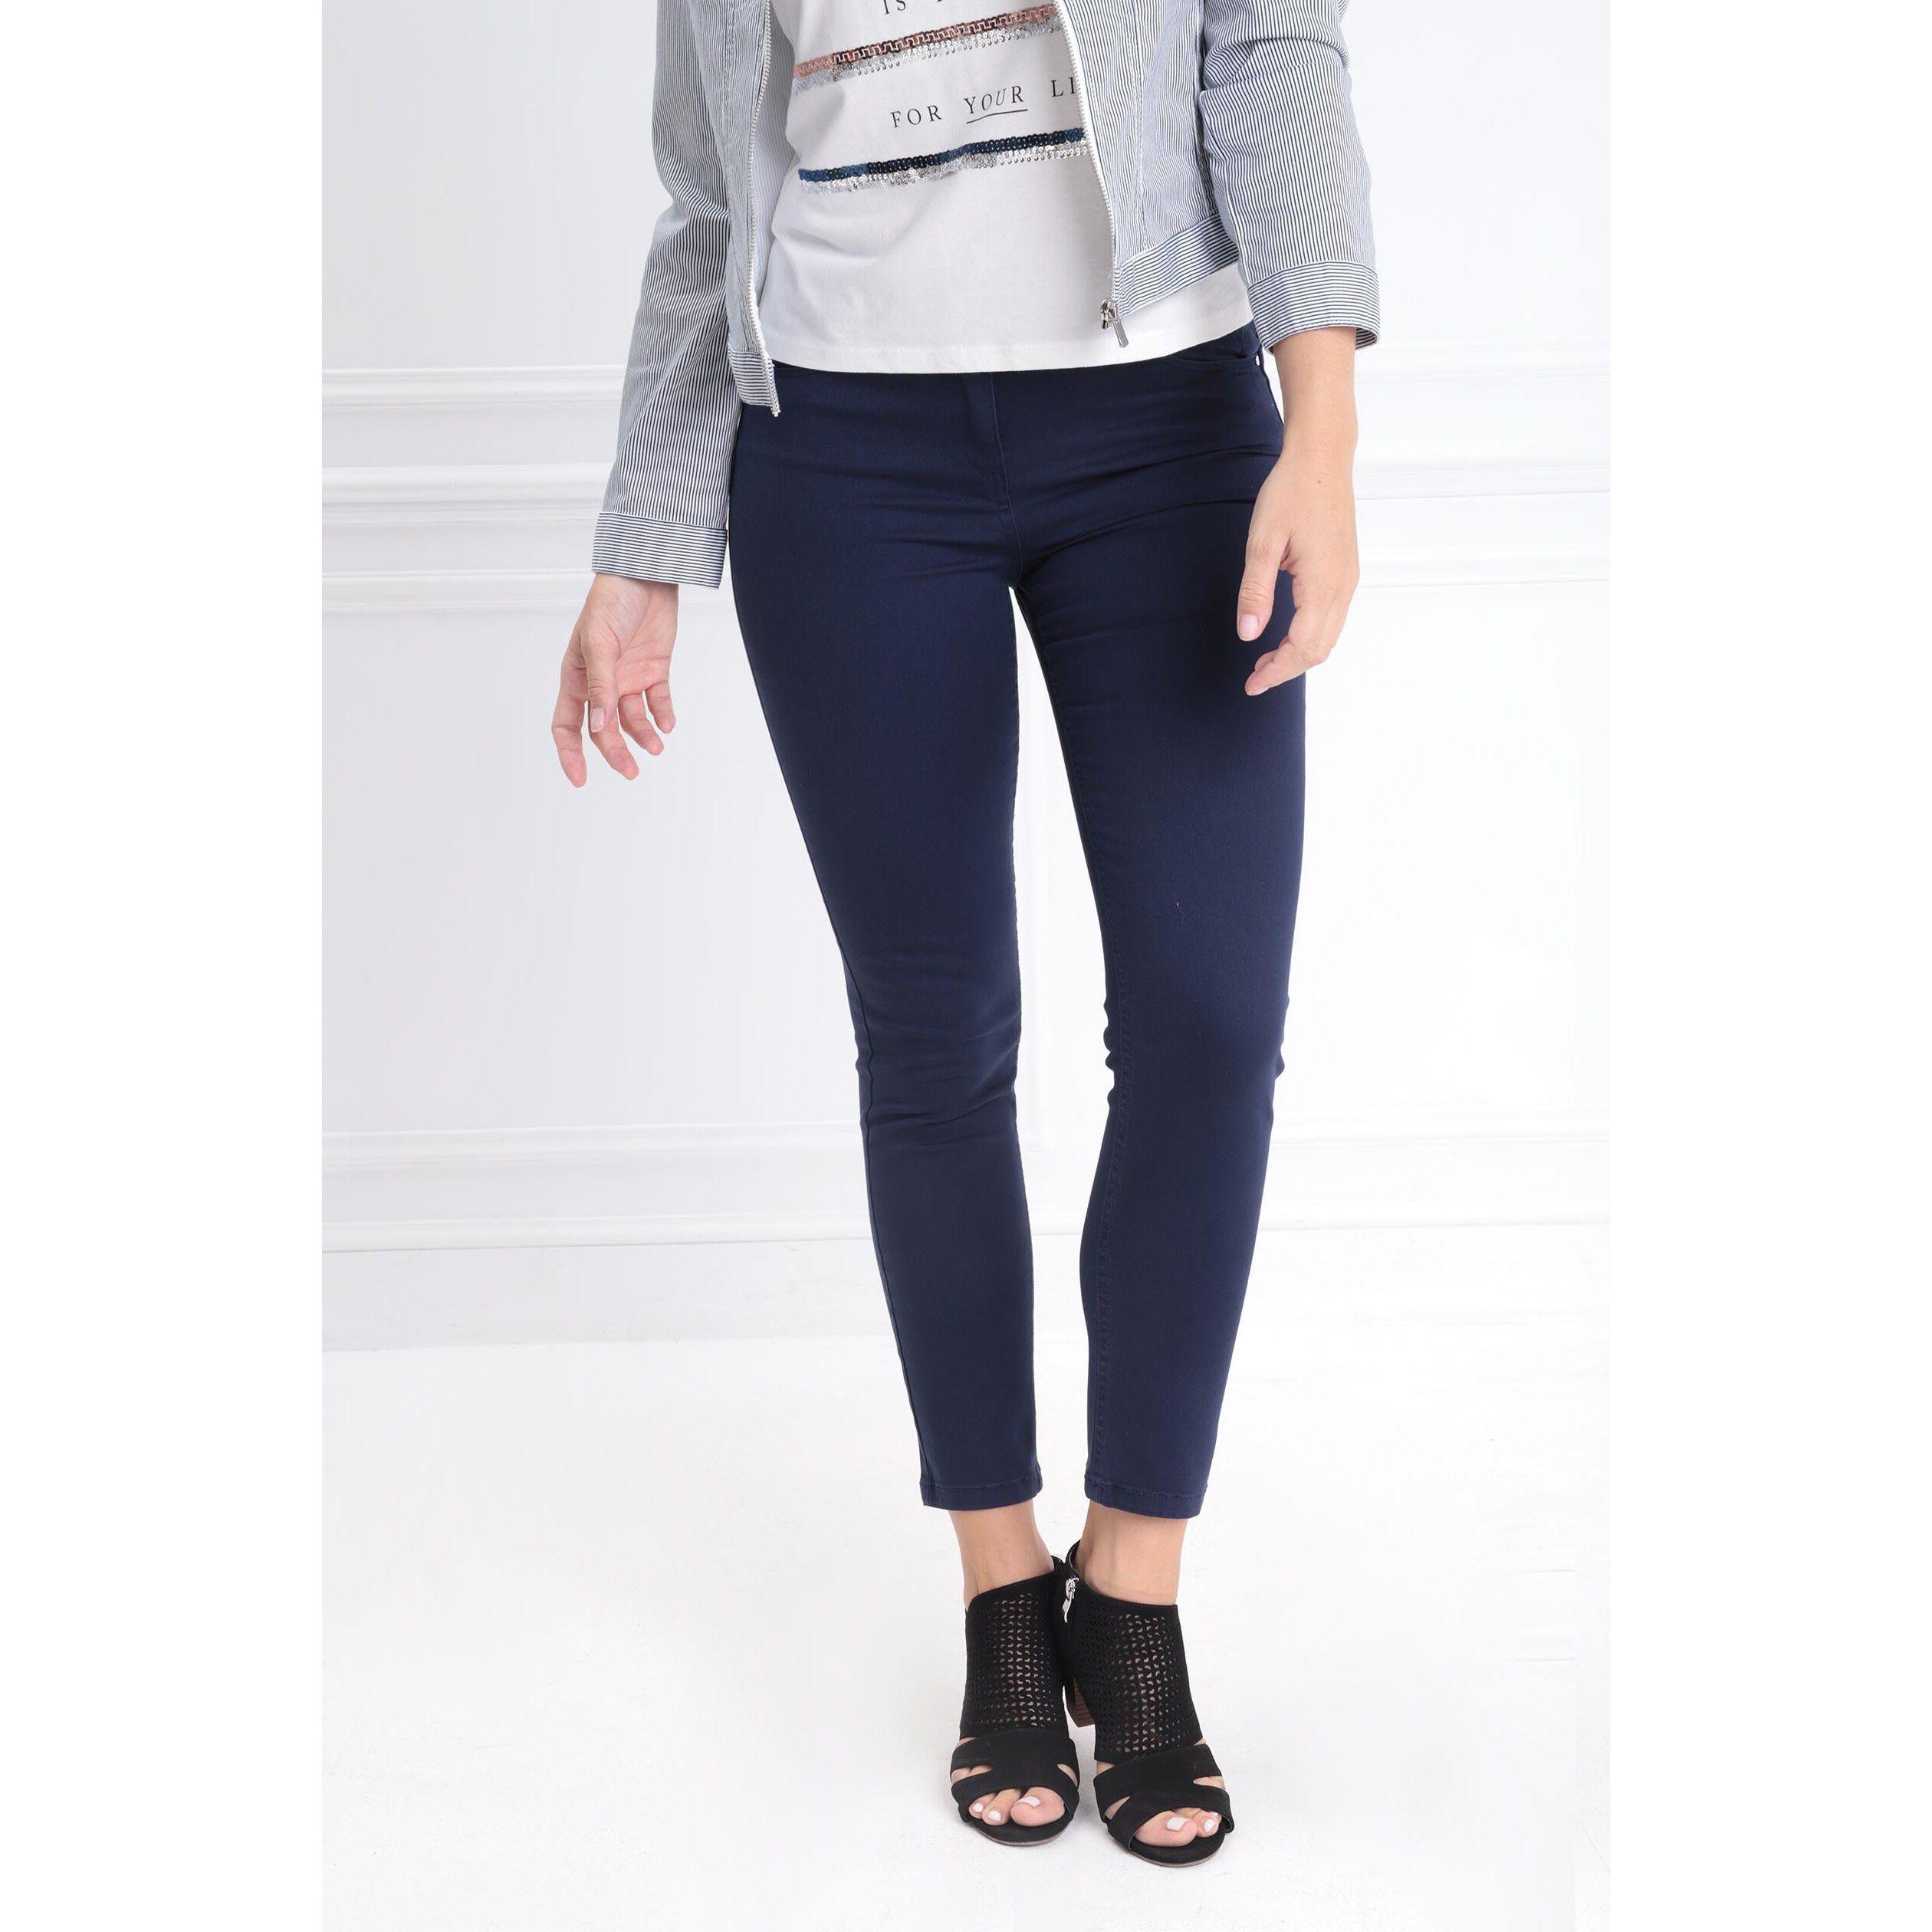 FemmeBréal Bleu Marine Standard Taille Pantalon 78 iuPkXZ